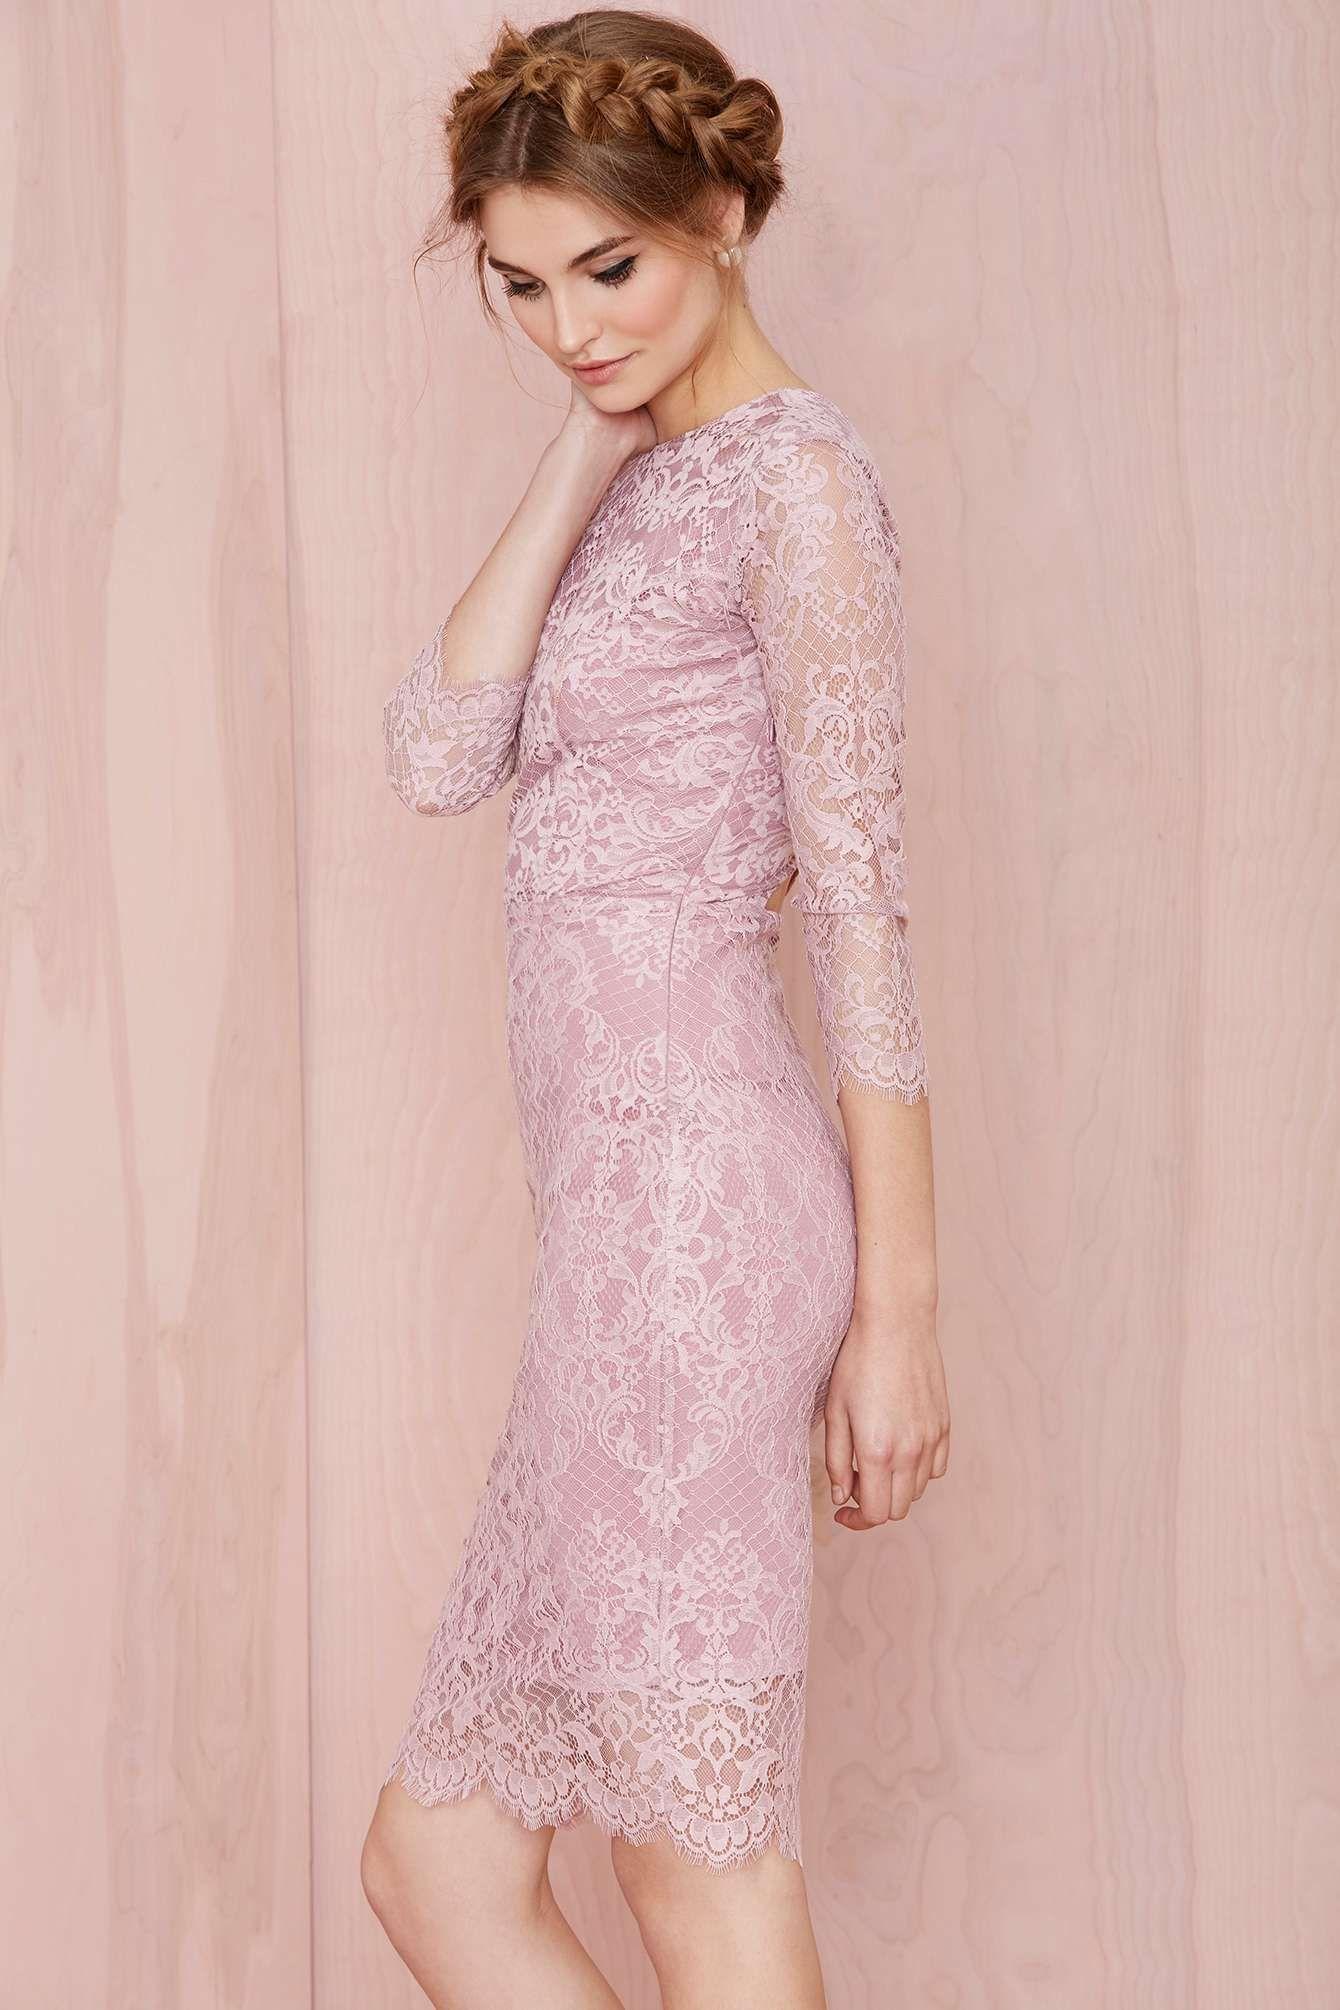 pink lace | eventos | Pinterest | Vestiditos, Ropa y Moda 2015